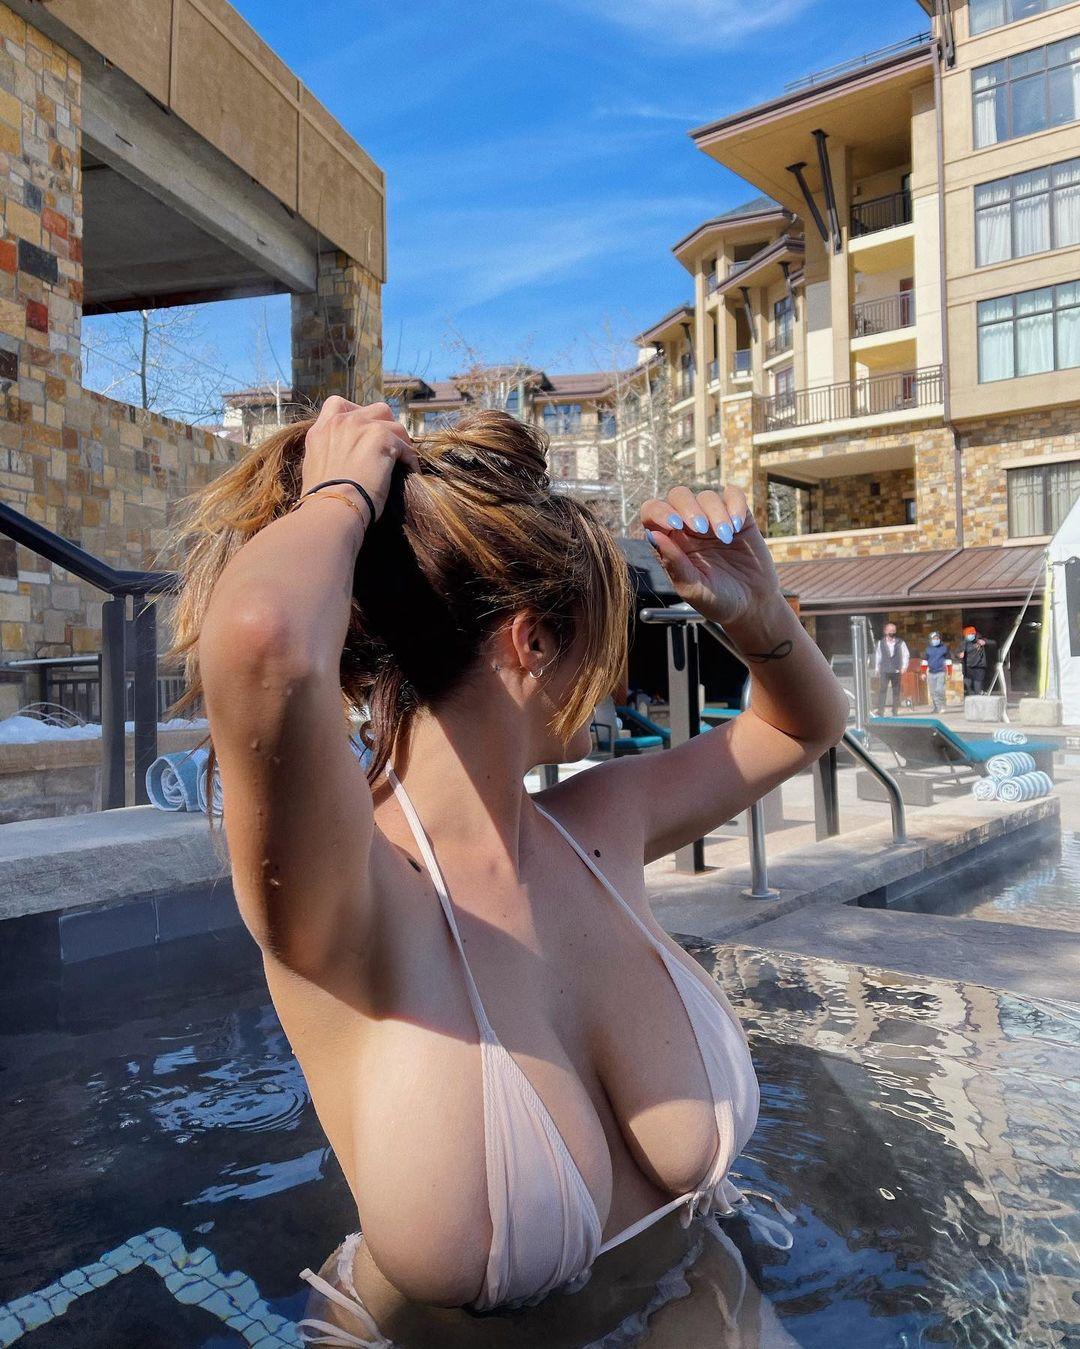 ダニエル・アヤラ「零れ落ちそうな極小ビキニ…」温水プールでウォッカをぐいっと【画像4枚】の画像003